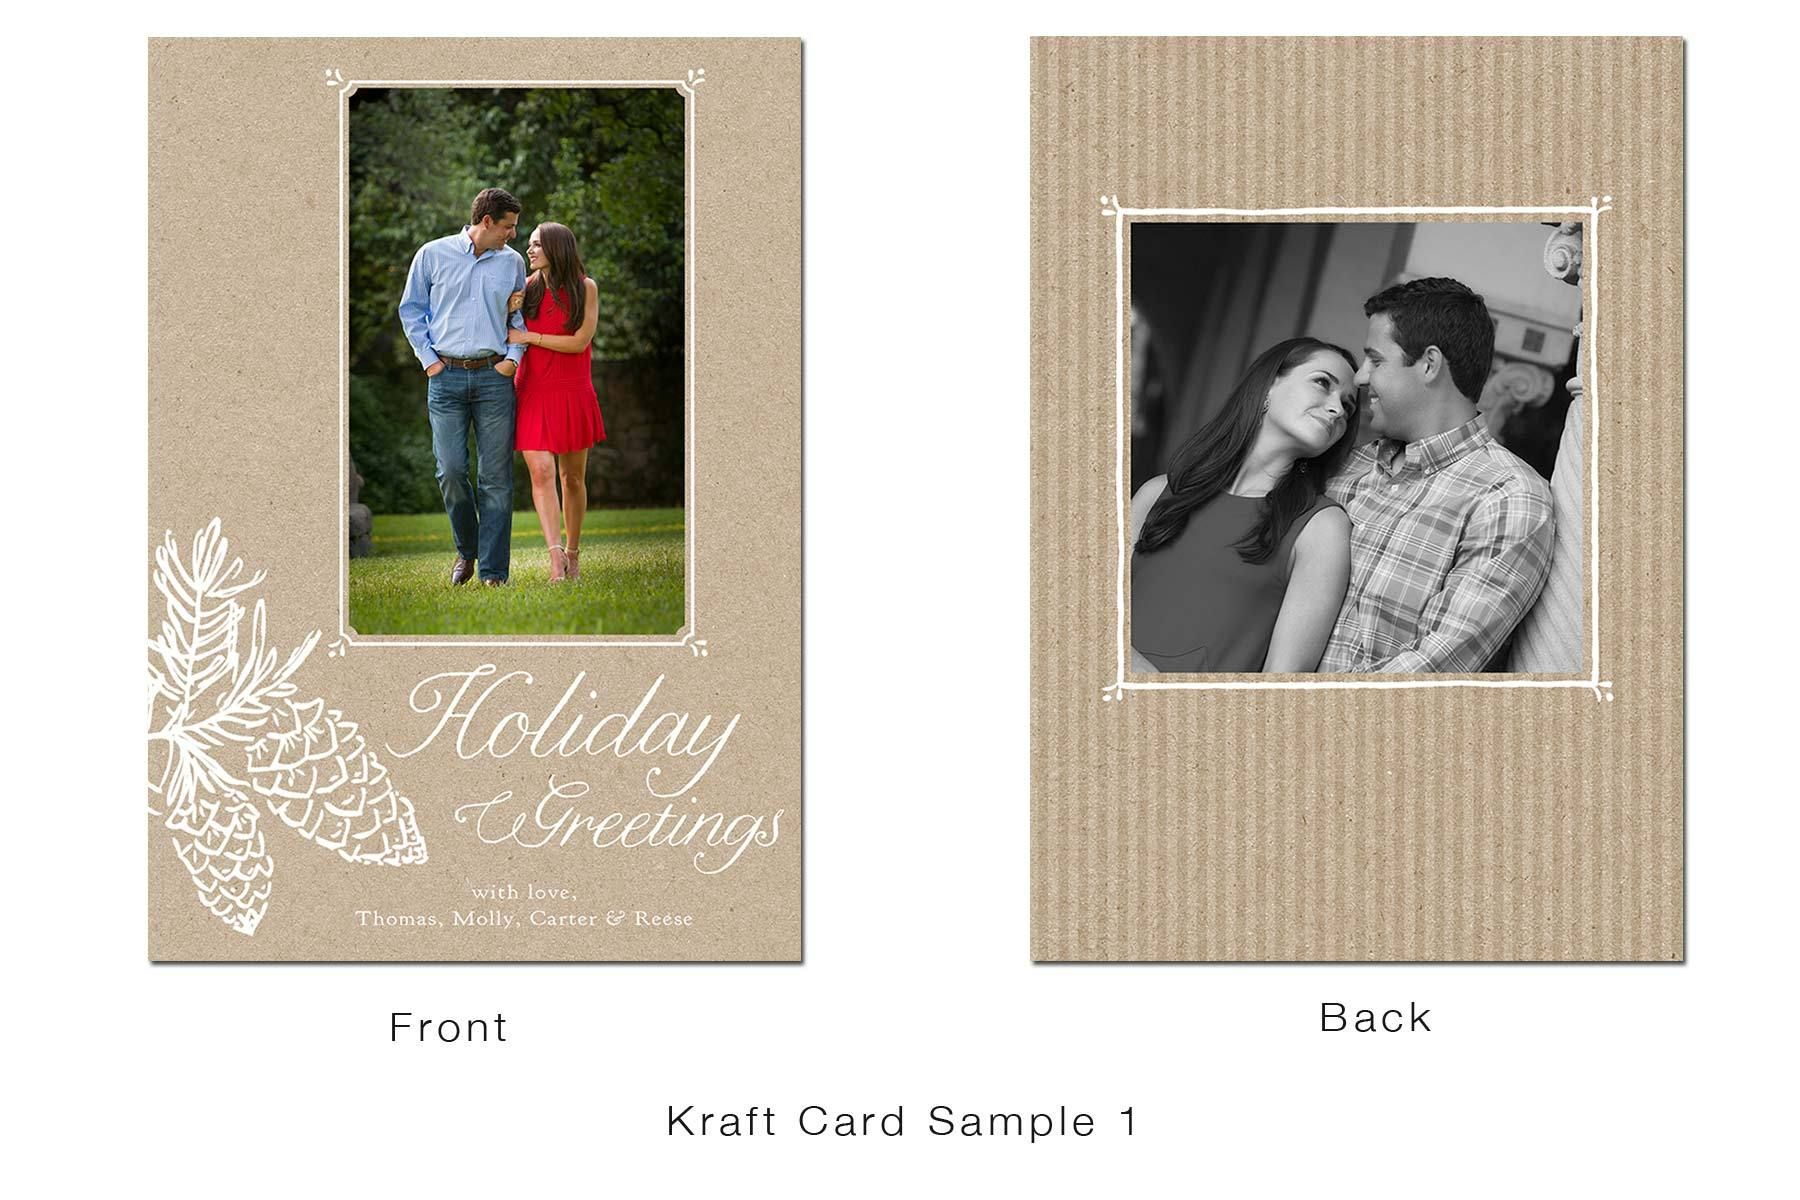 1kraft_card_sample_1.jpg